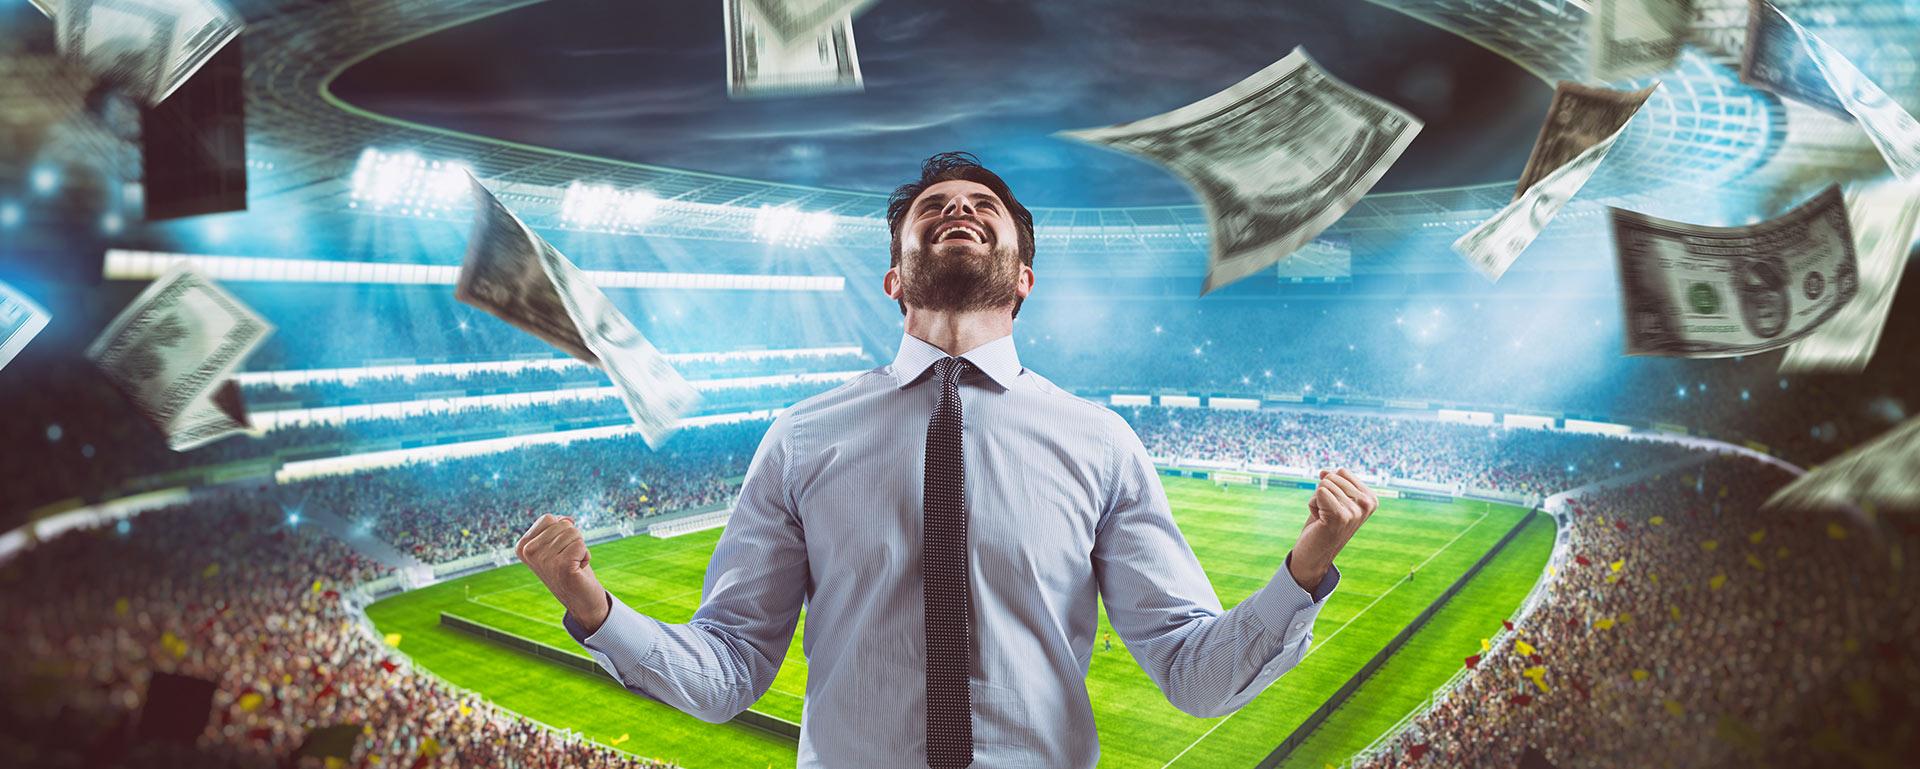 Poradnik typera – co i jak obstawiać na Euro 2020 / 2021